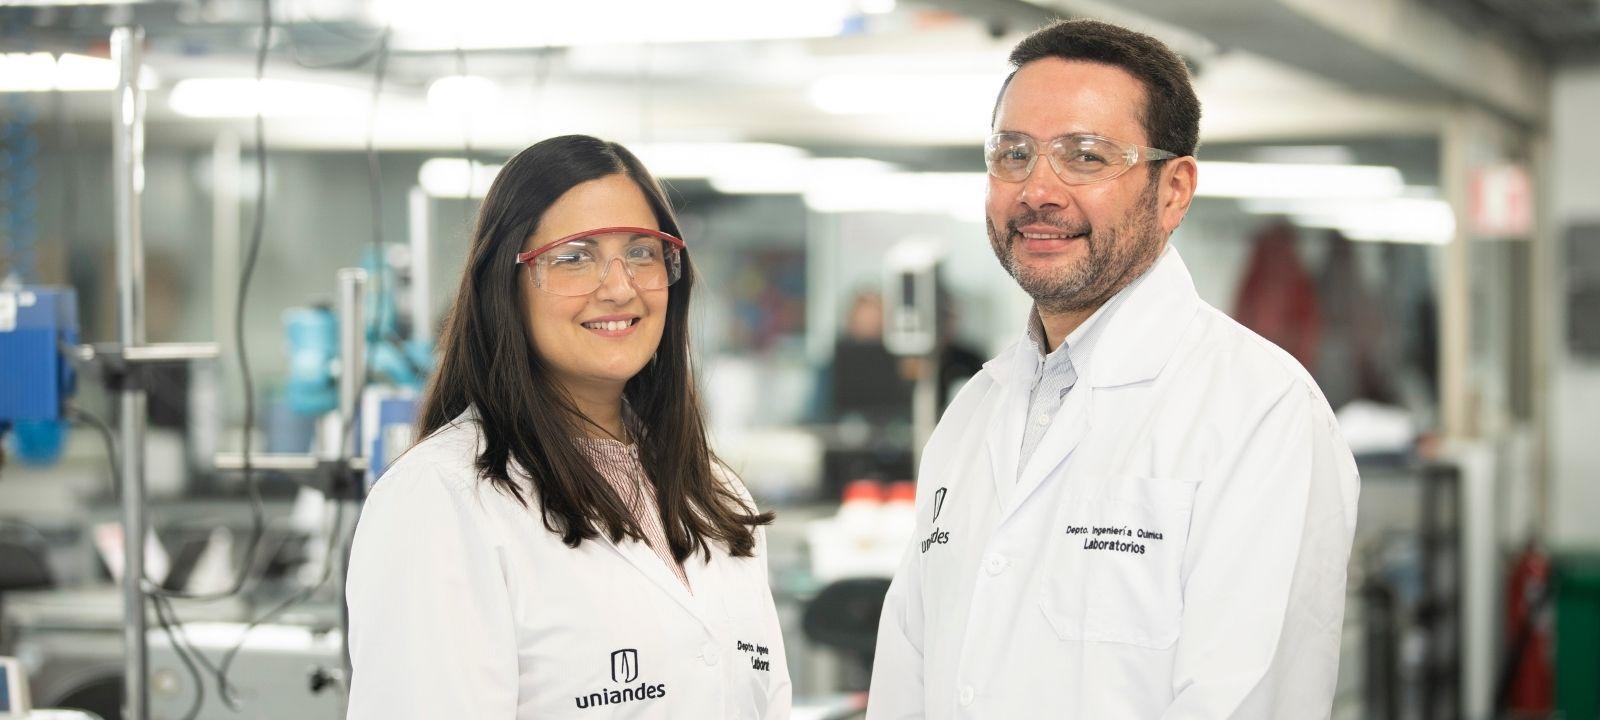 María Hernández y Oscar Álvarez, profesores del Departamento de Ingeniería Química y de Alimentos